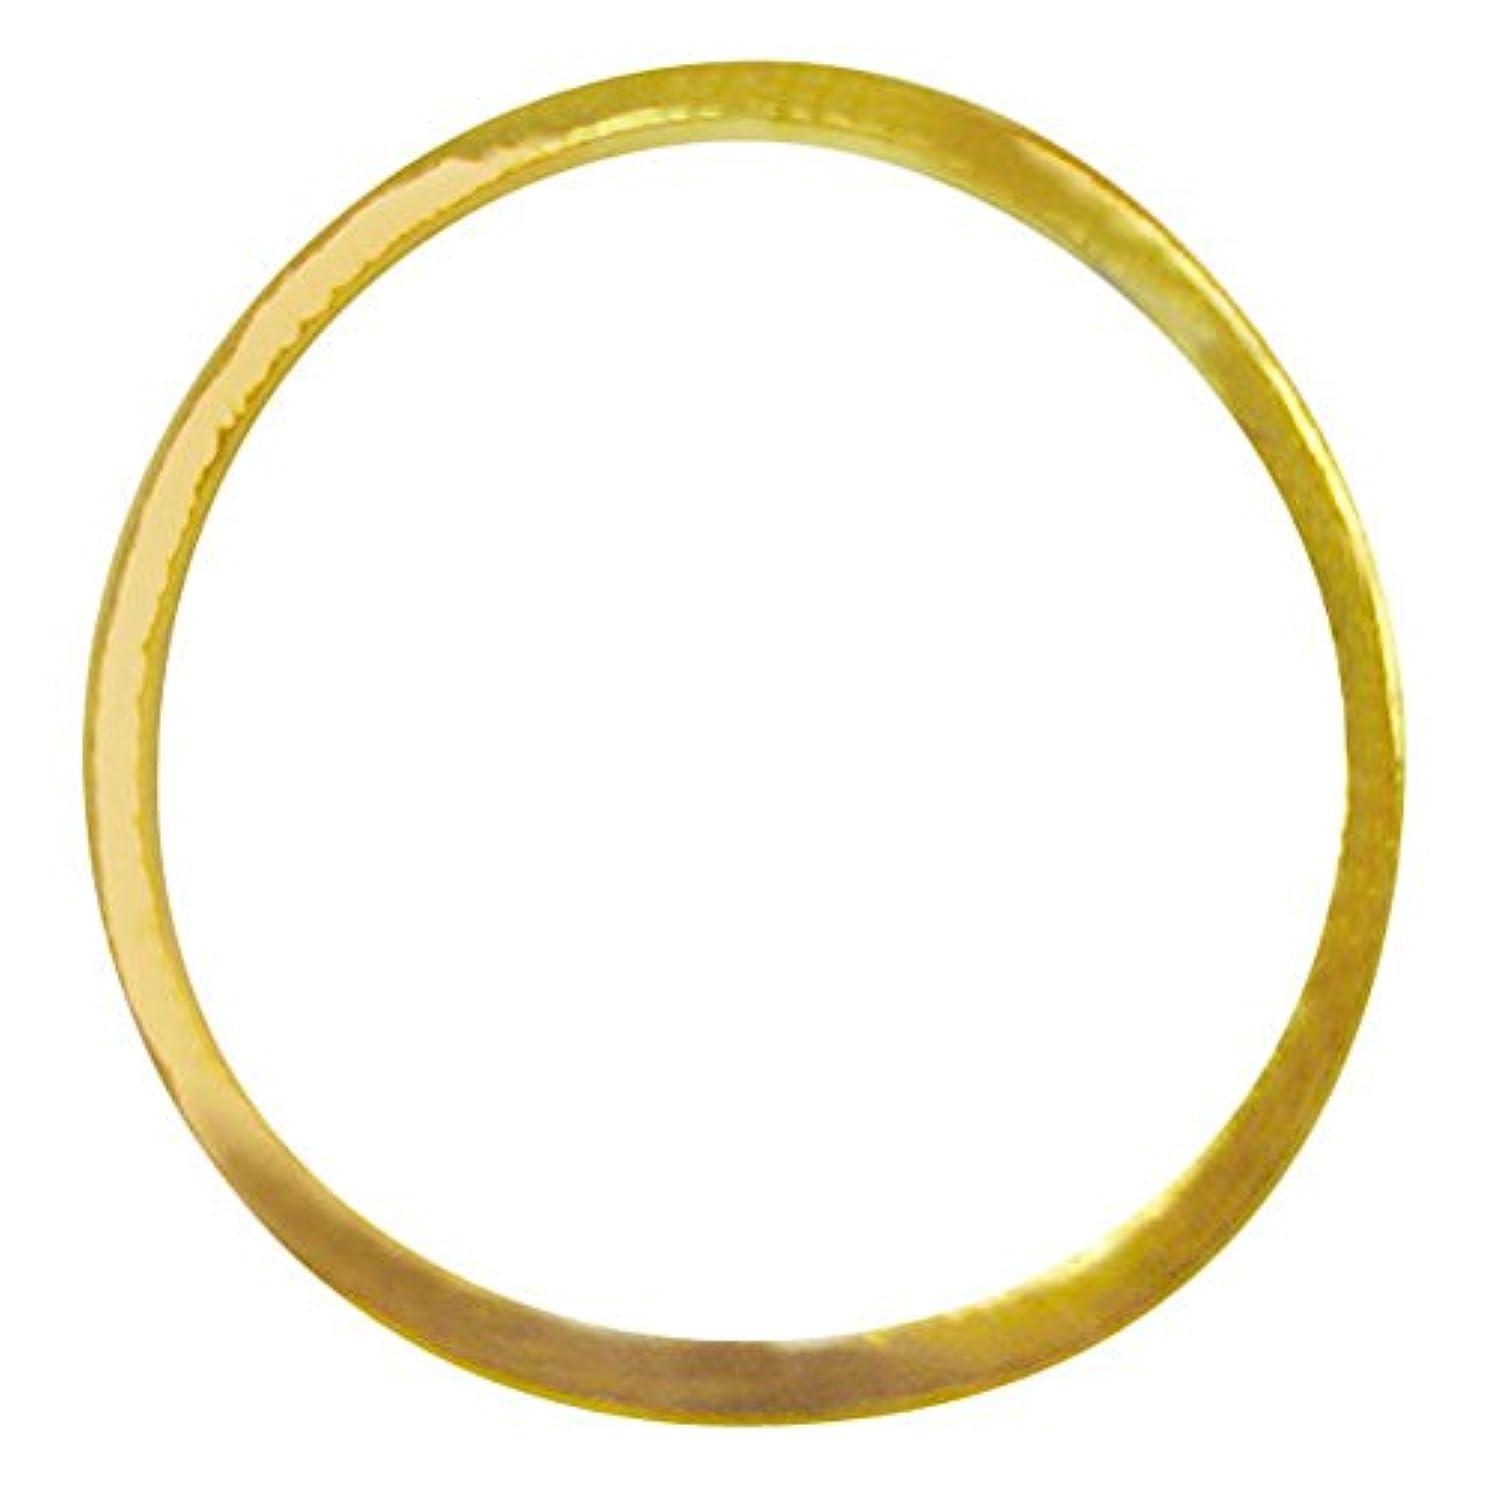 ジェルネイル  サンシャインベビー シンプル ラウンドフレームL(ゴールド) 10P